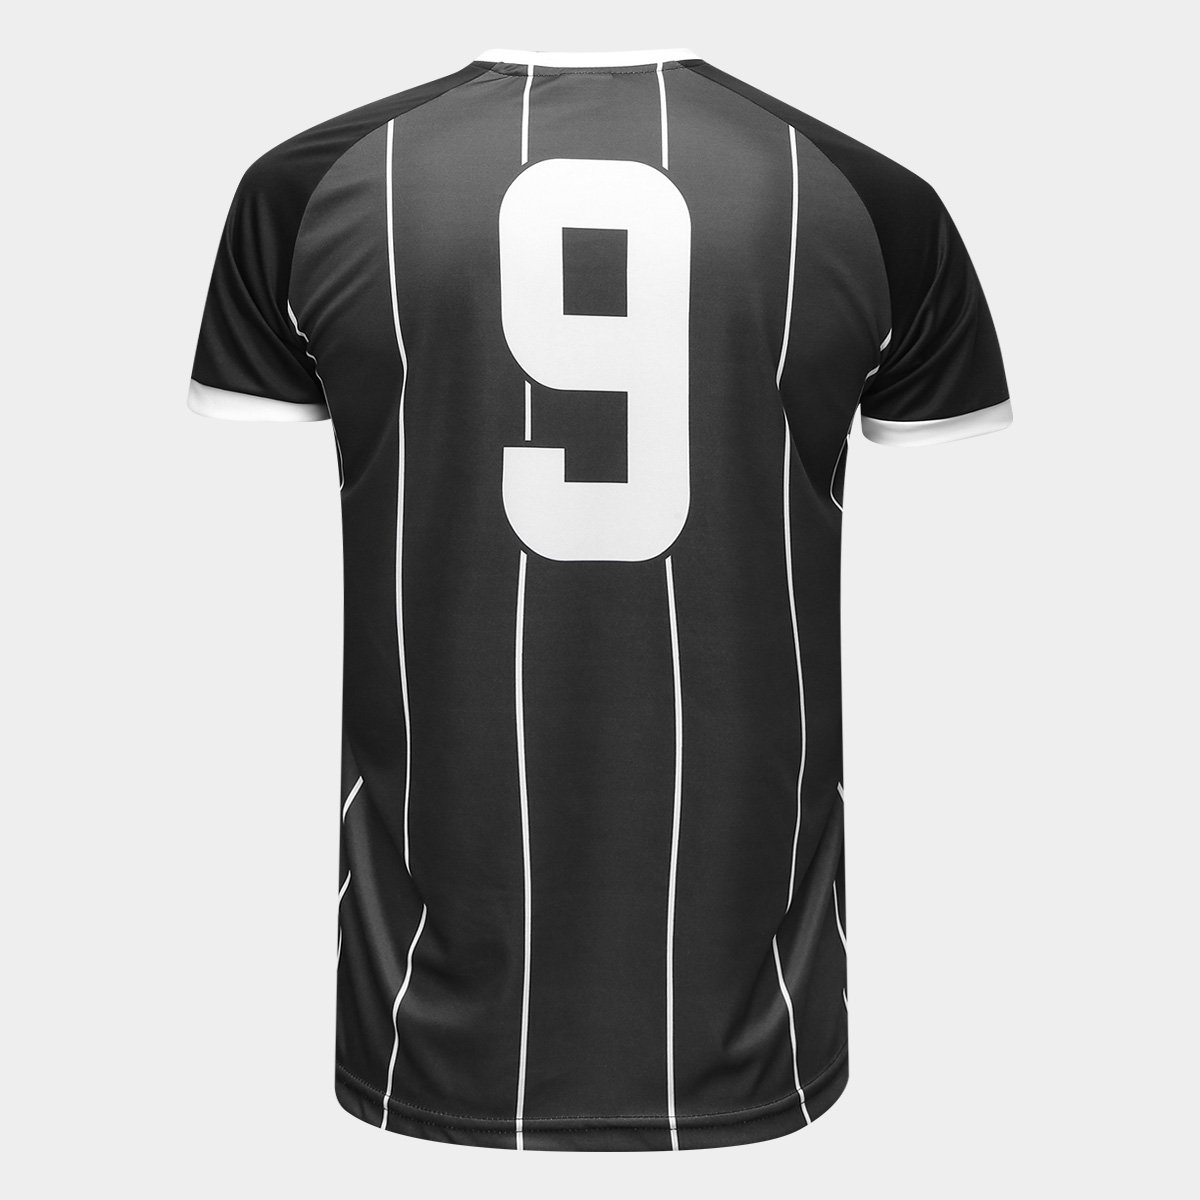 00f73751e9 ... Camisa Corinthians Fenomenal Edição Limitada Torcedor Masculina ...